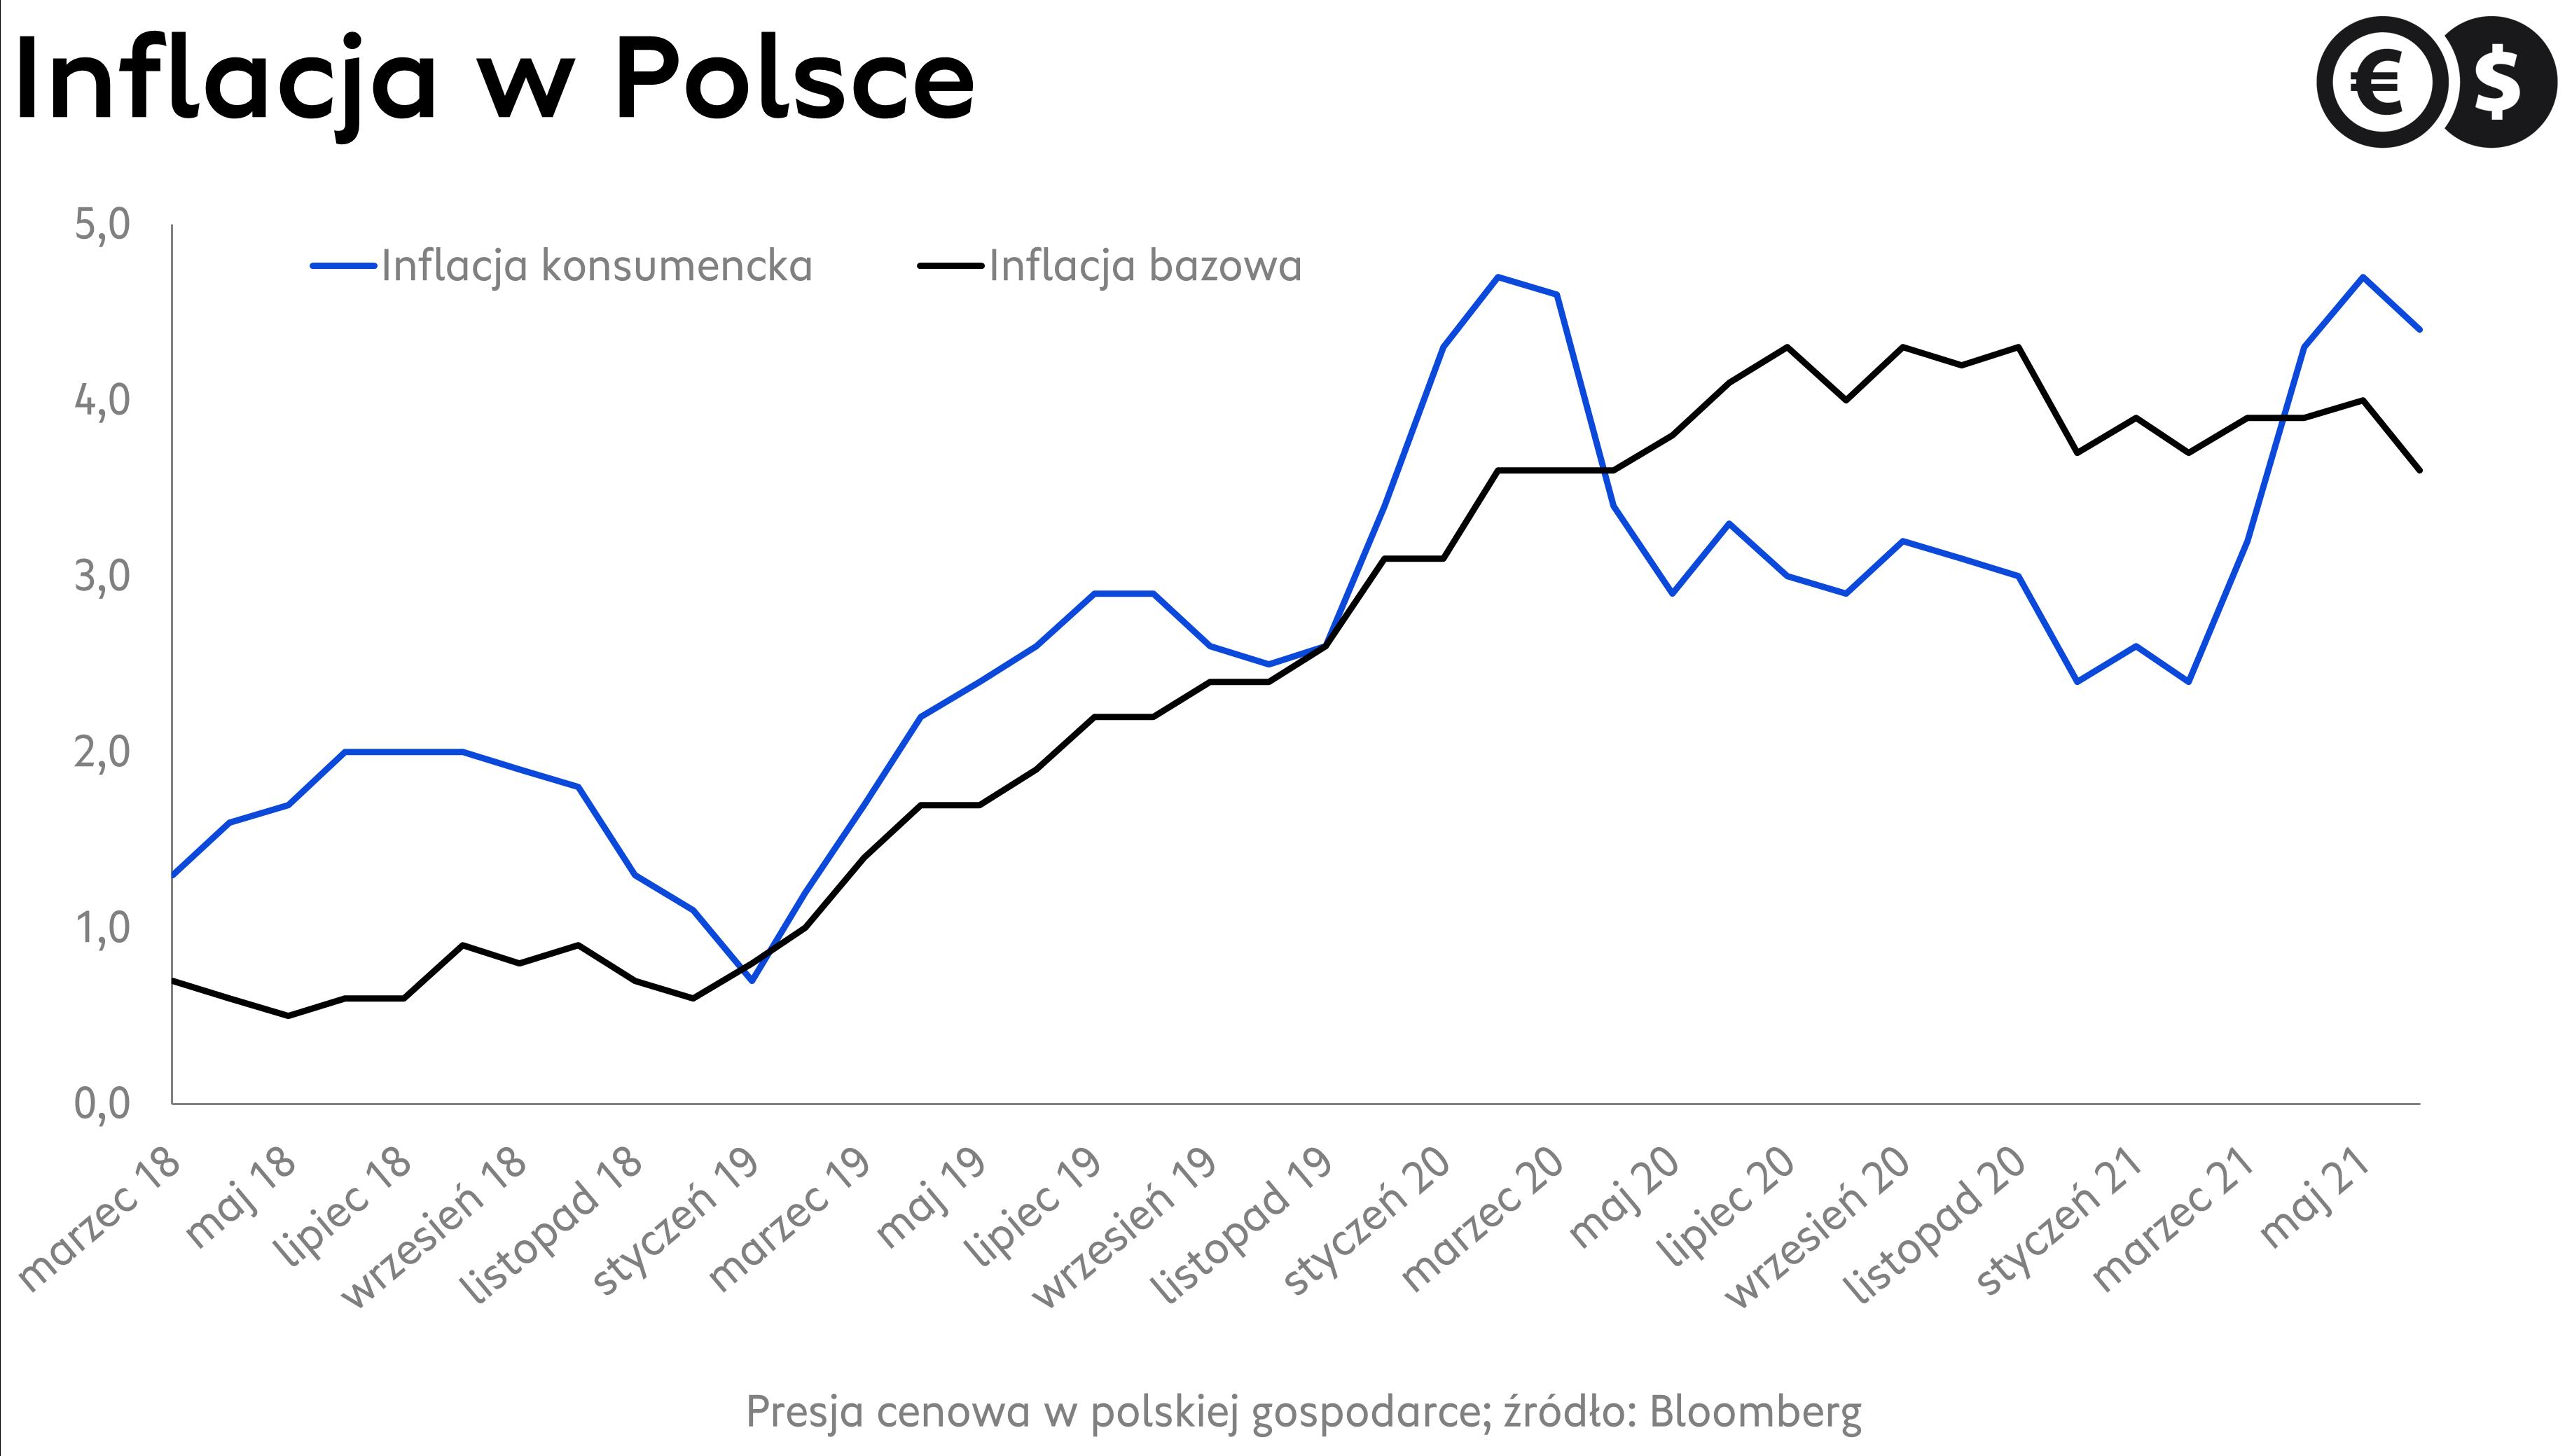 Dynamika inflacji w Polsce, źródło: Bloomberg